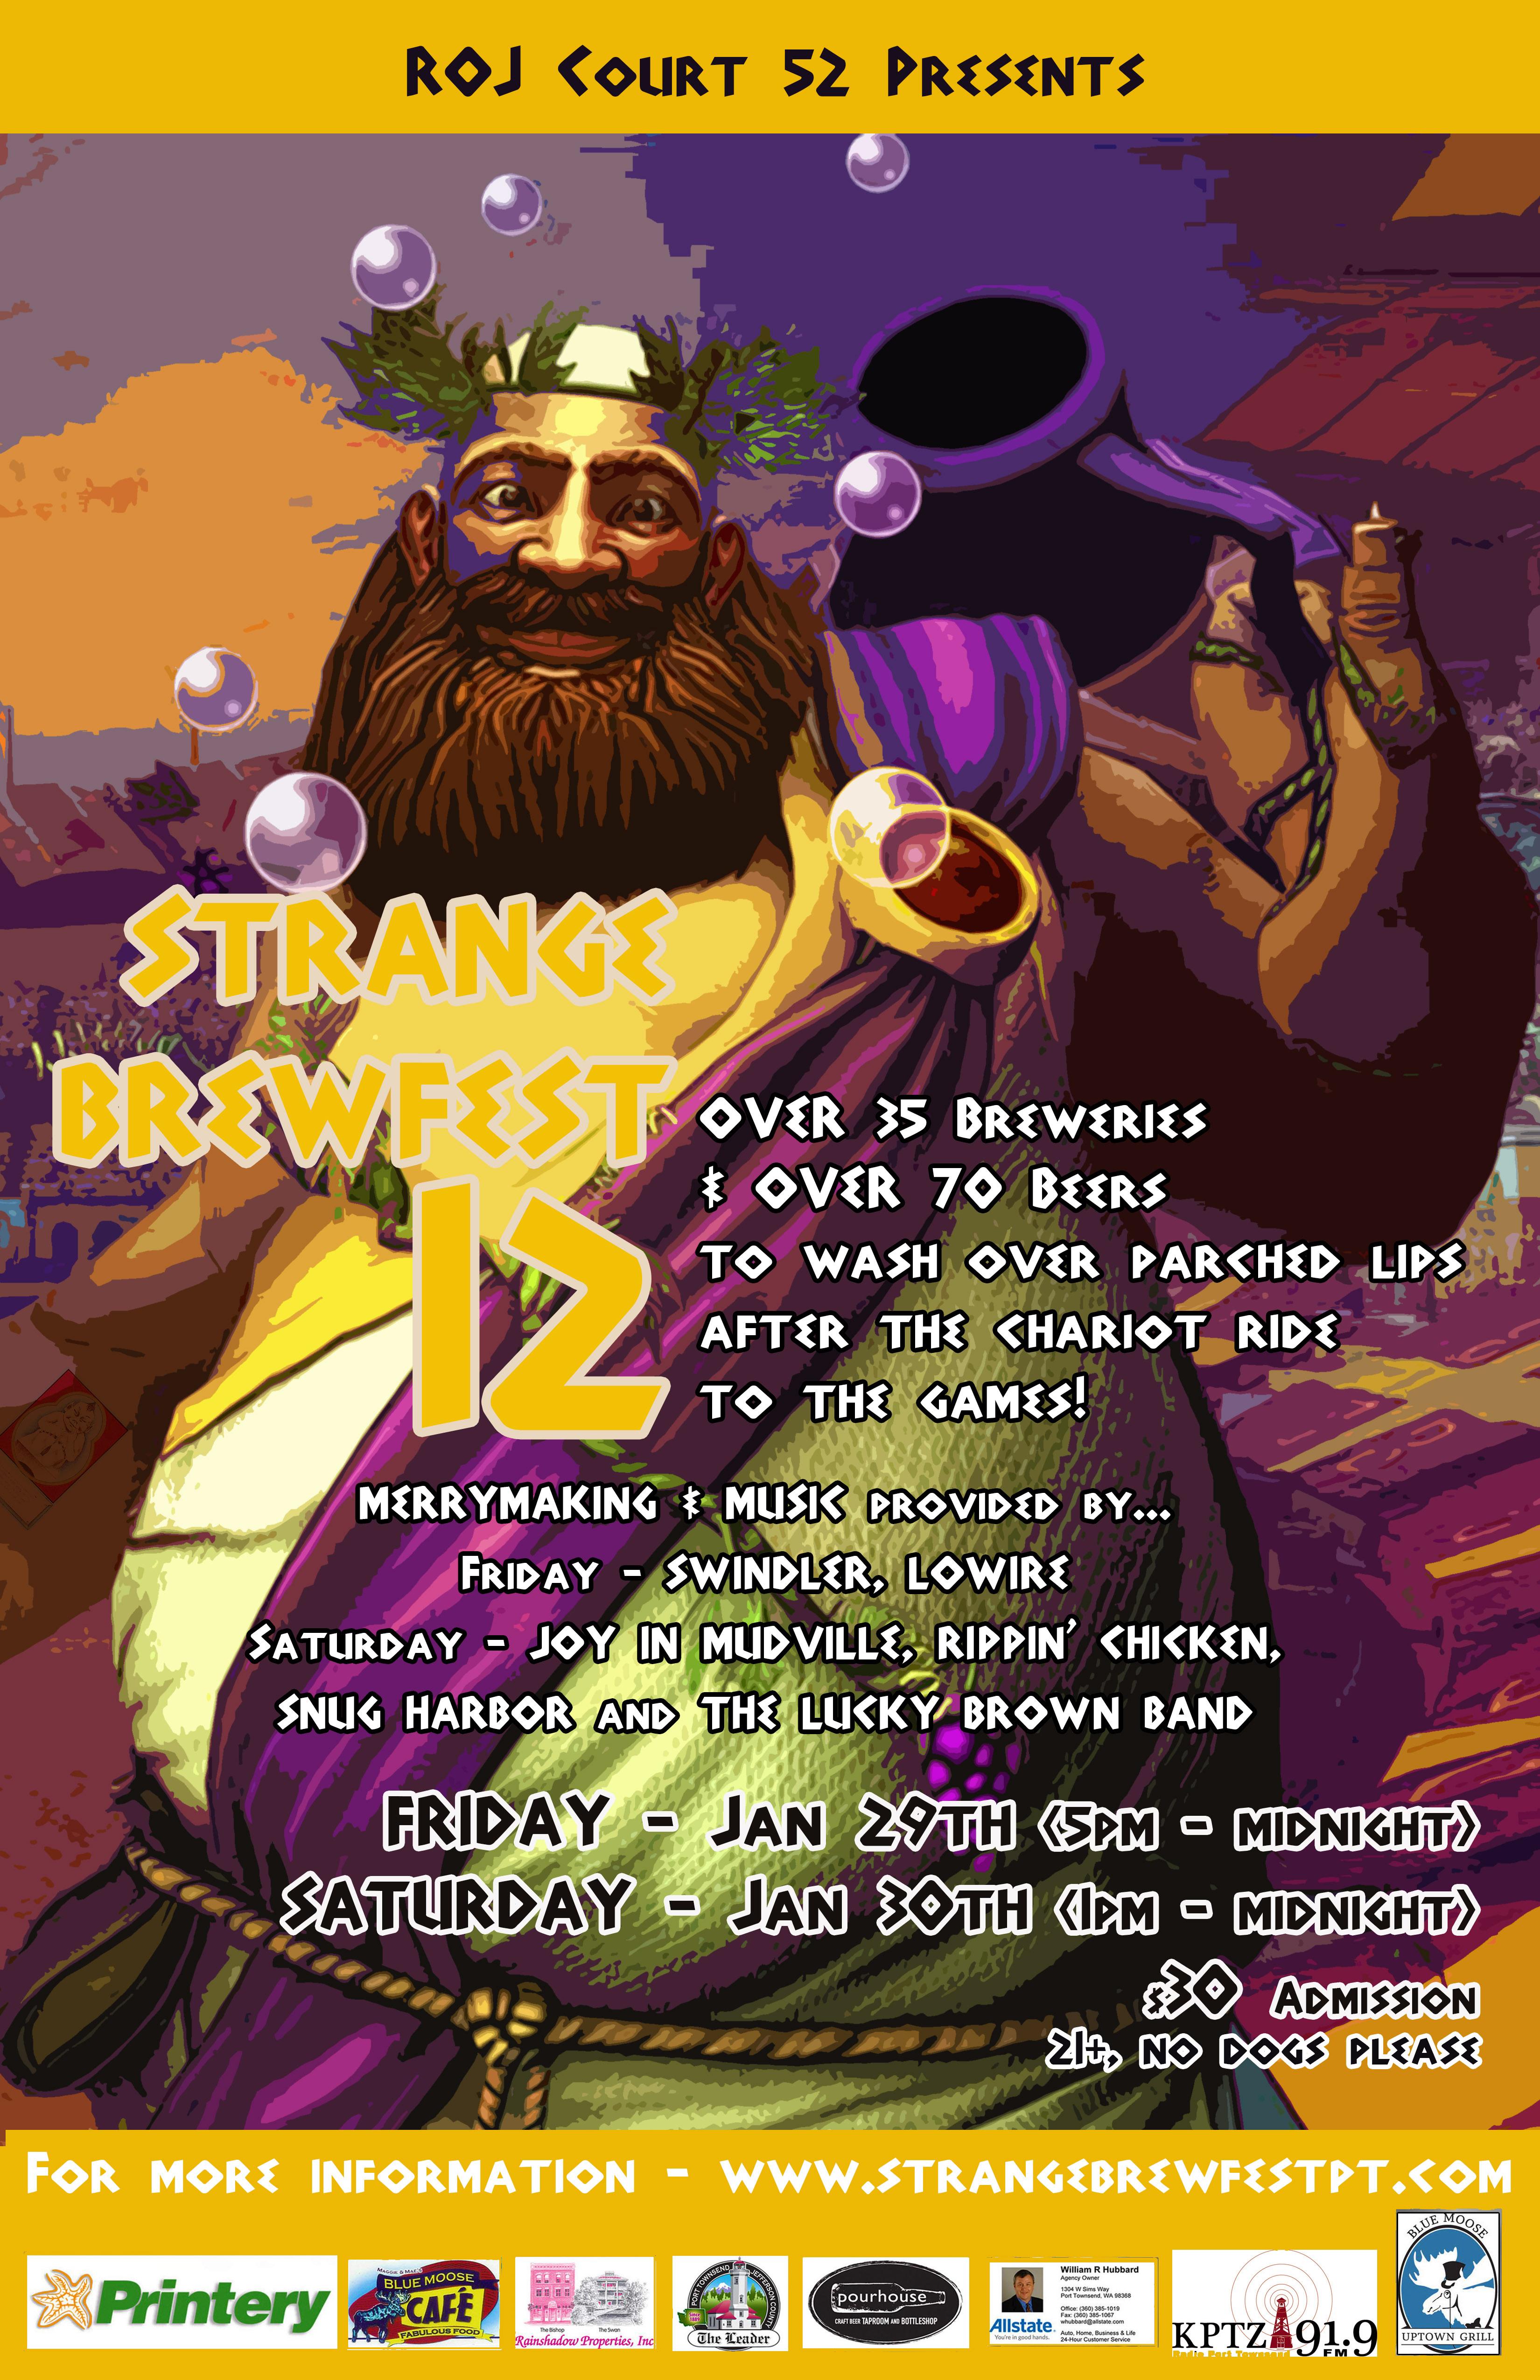 2016 Strange Brewfest Poster